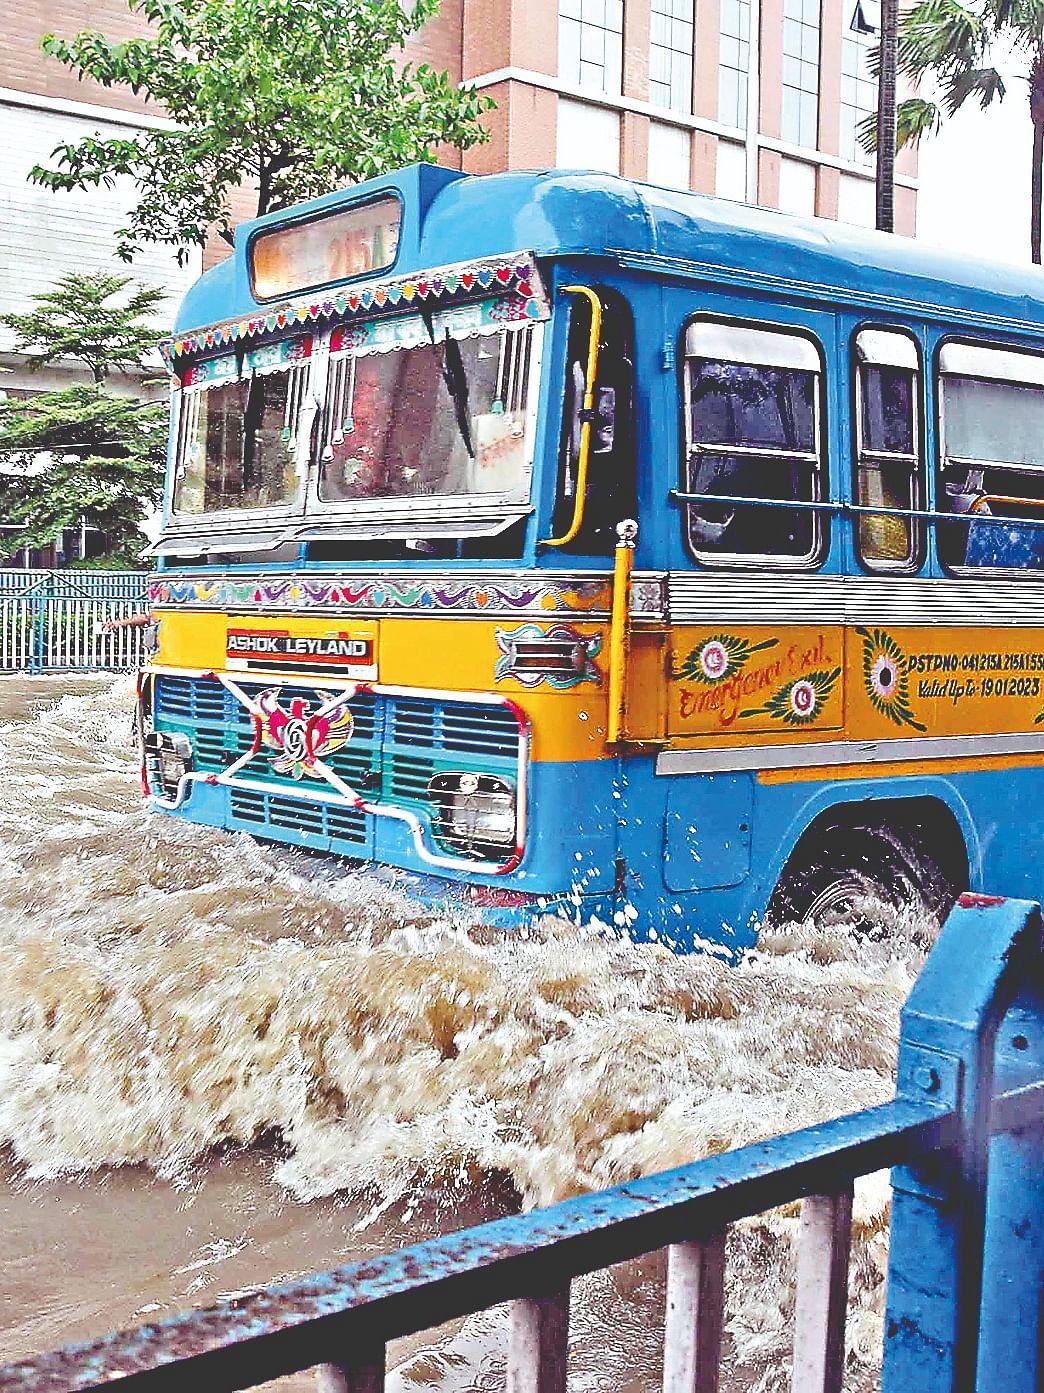 कोलकाता की सड़क पर लग रहा था मानो समुद्र की लहर हो